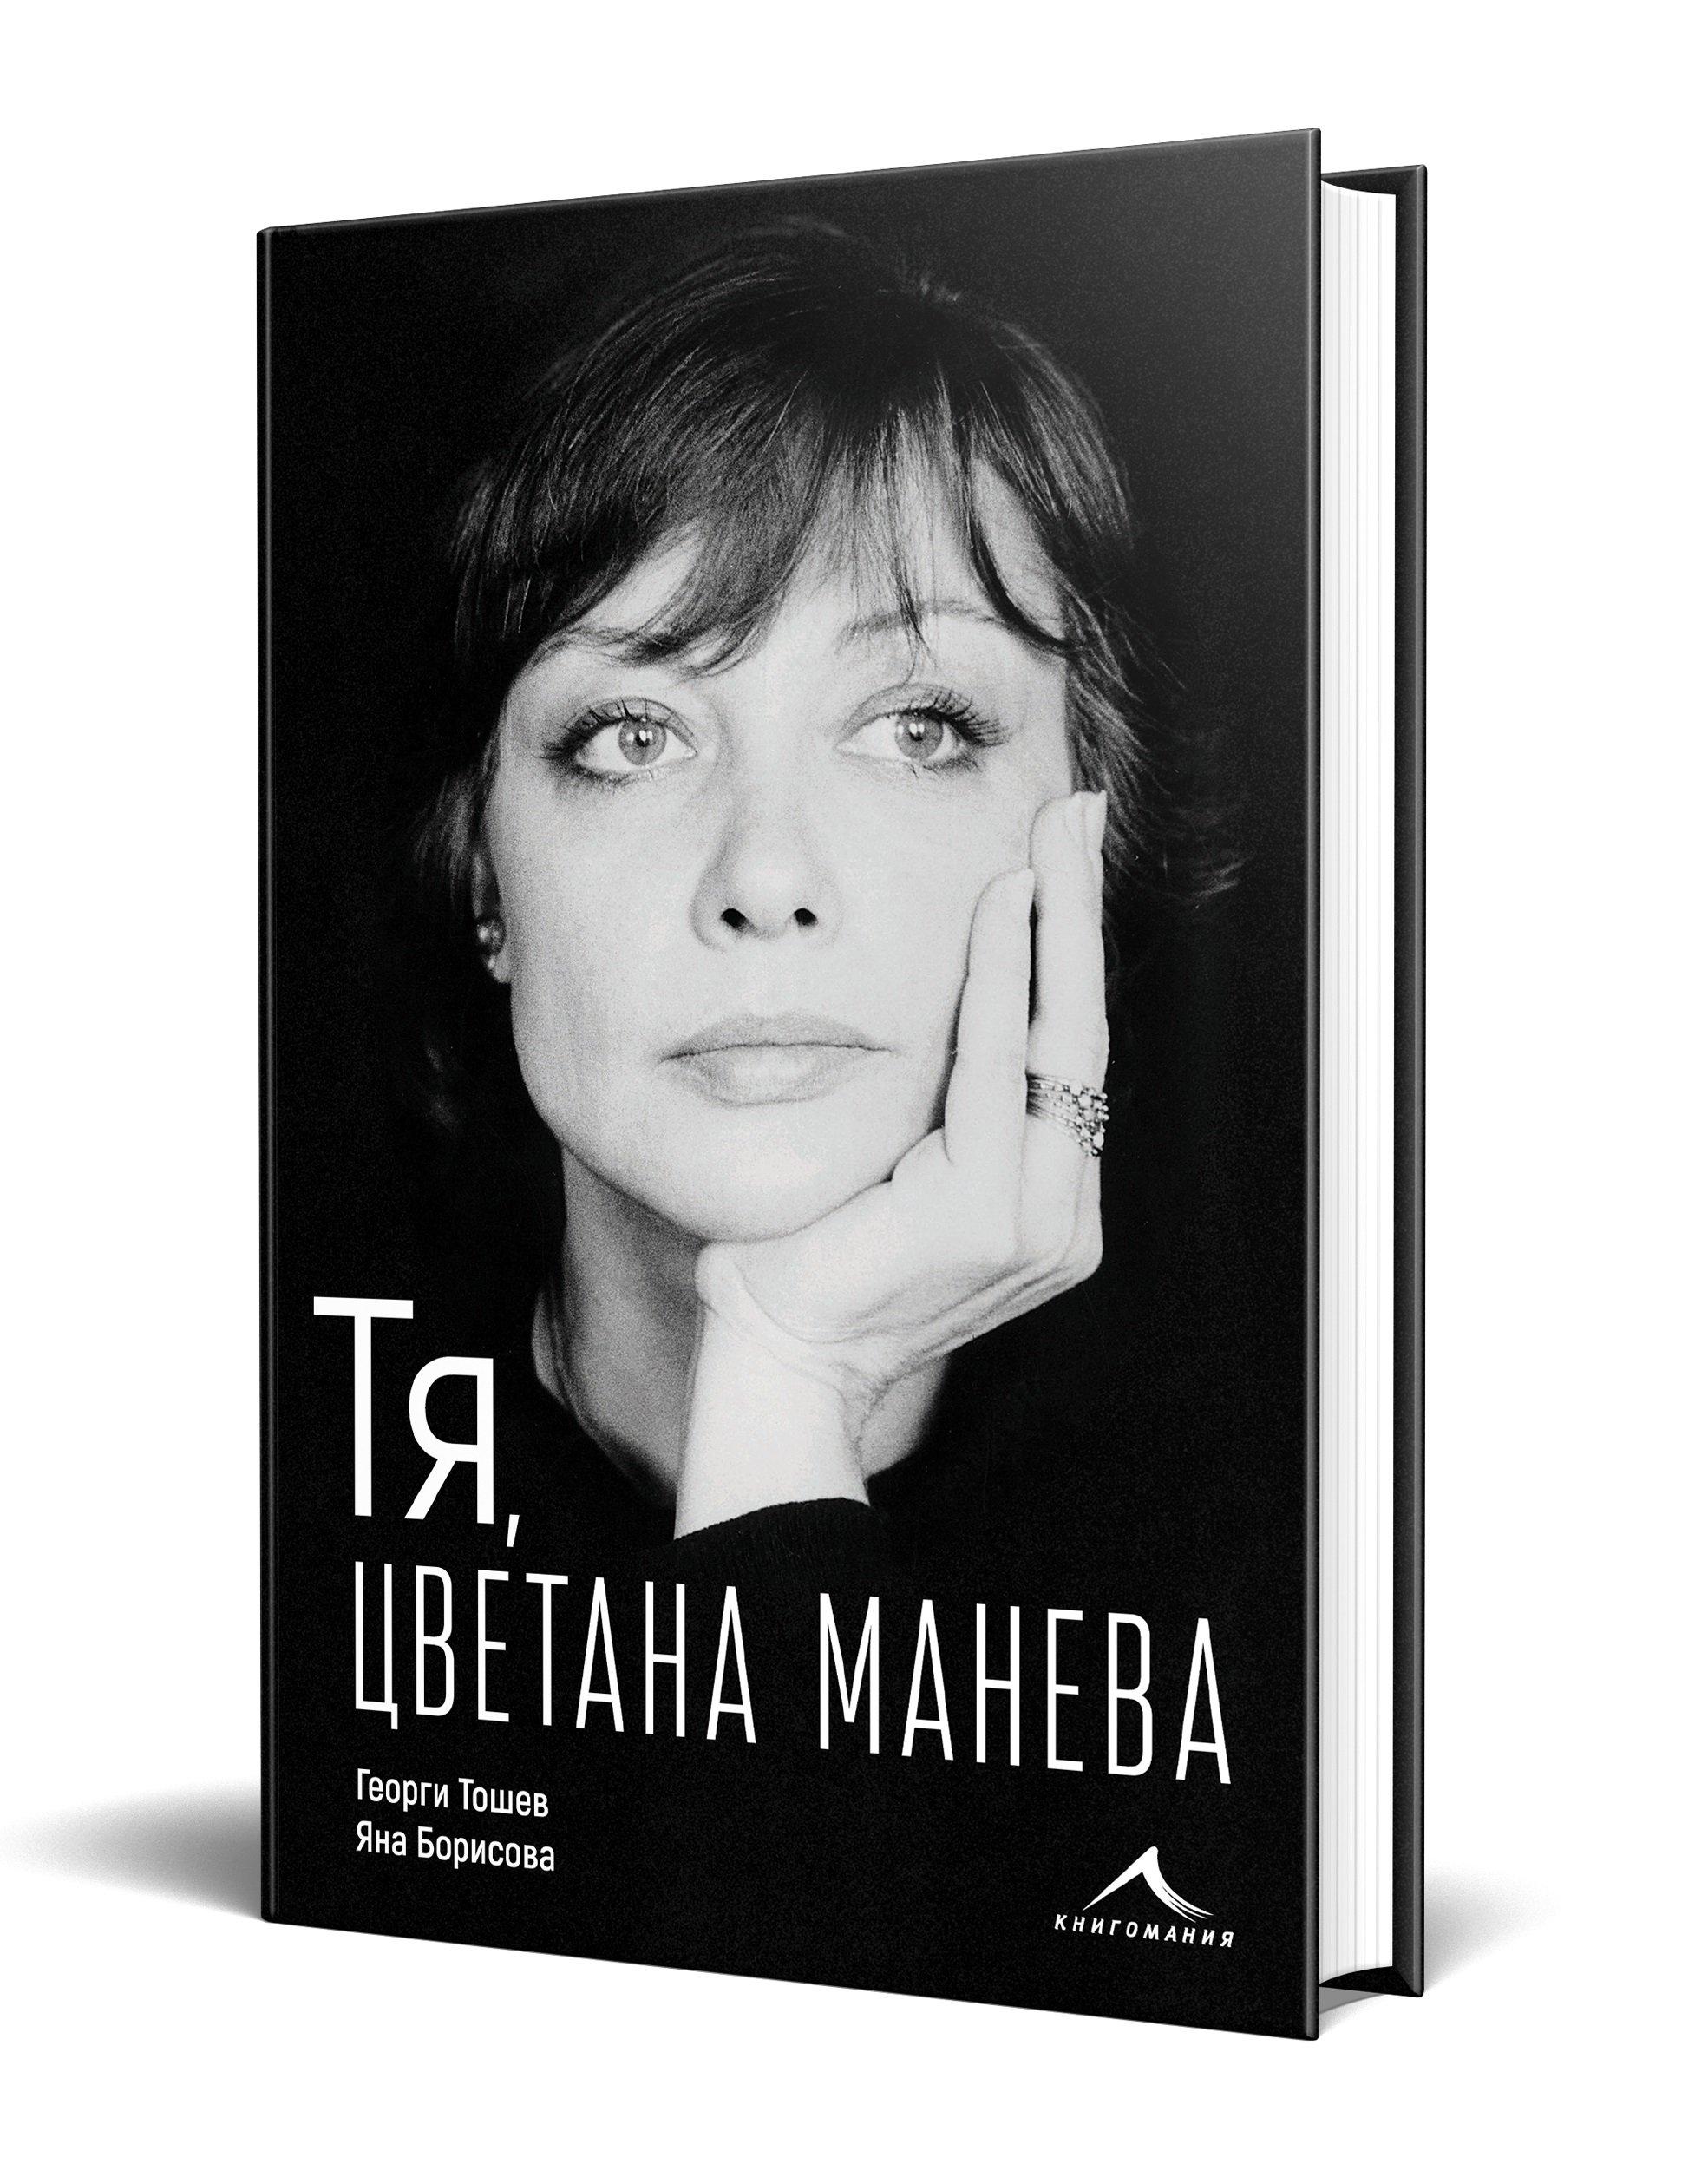 Книгомания издава луксозна биографична книга за актрисата Цветана Манева